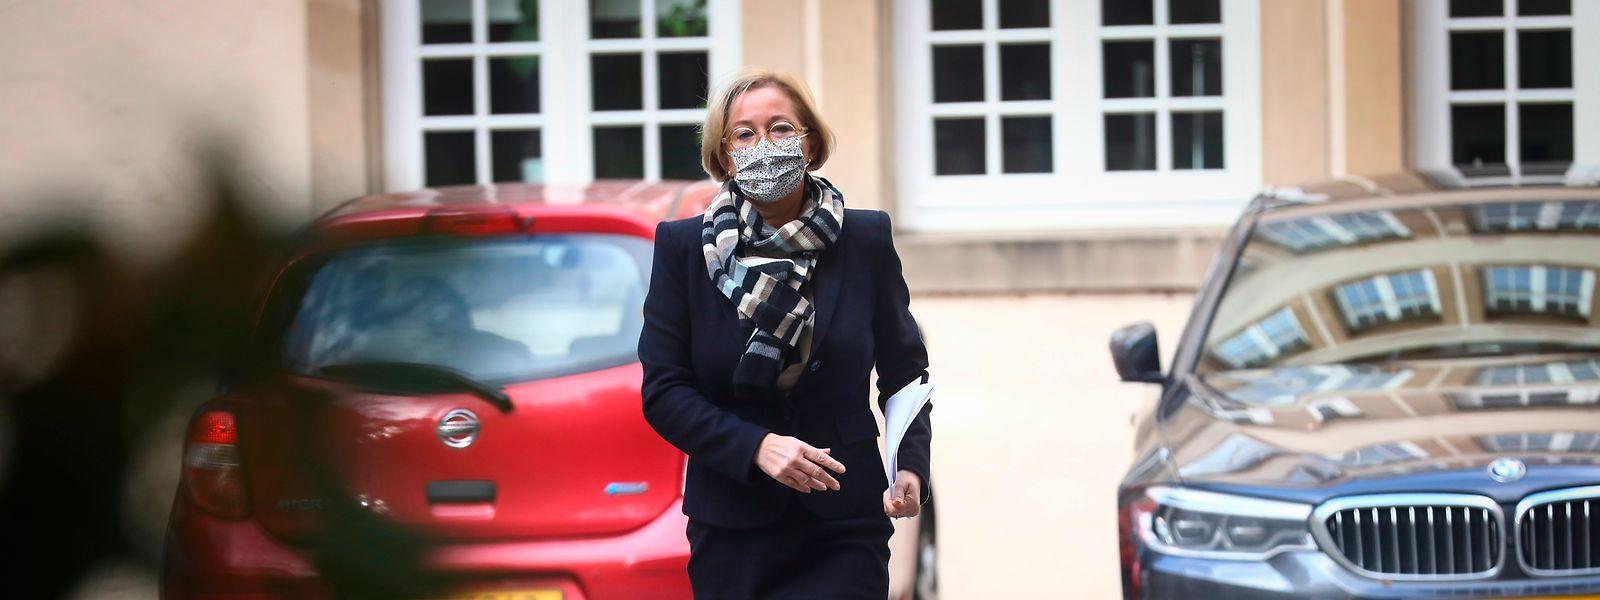 Paulette Lenert sieht angesichts der beruhigenden Lage in den Spitälern keinen Grund, die Handbremse zu ziehen.